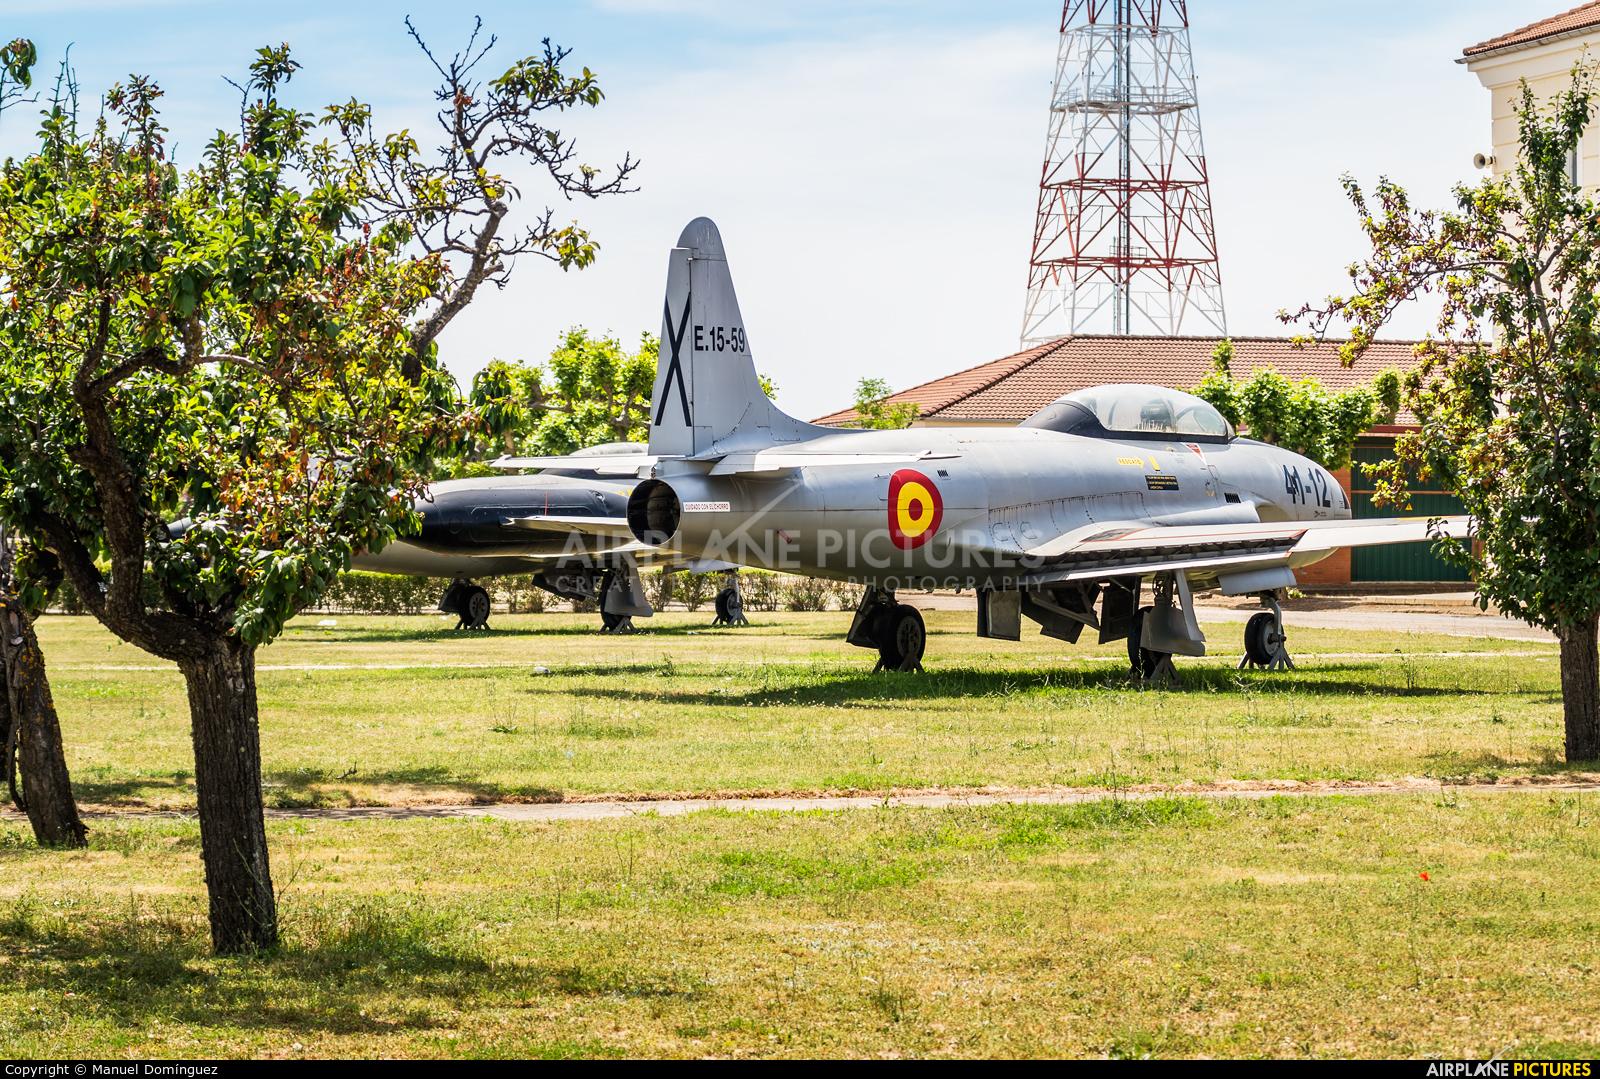 Spain - Air Force E.15-59 aircraft at León